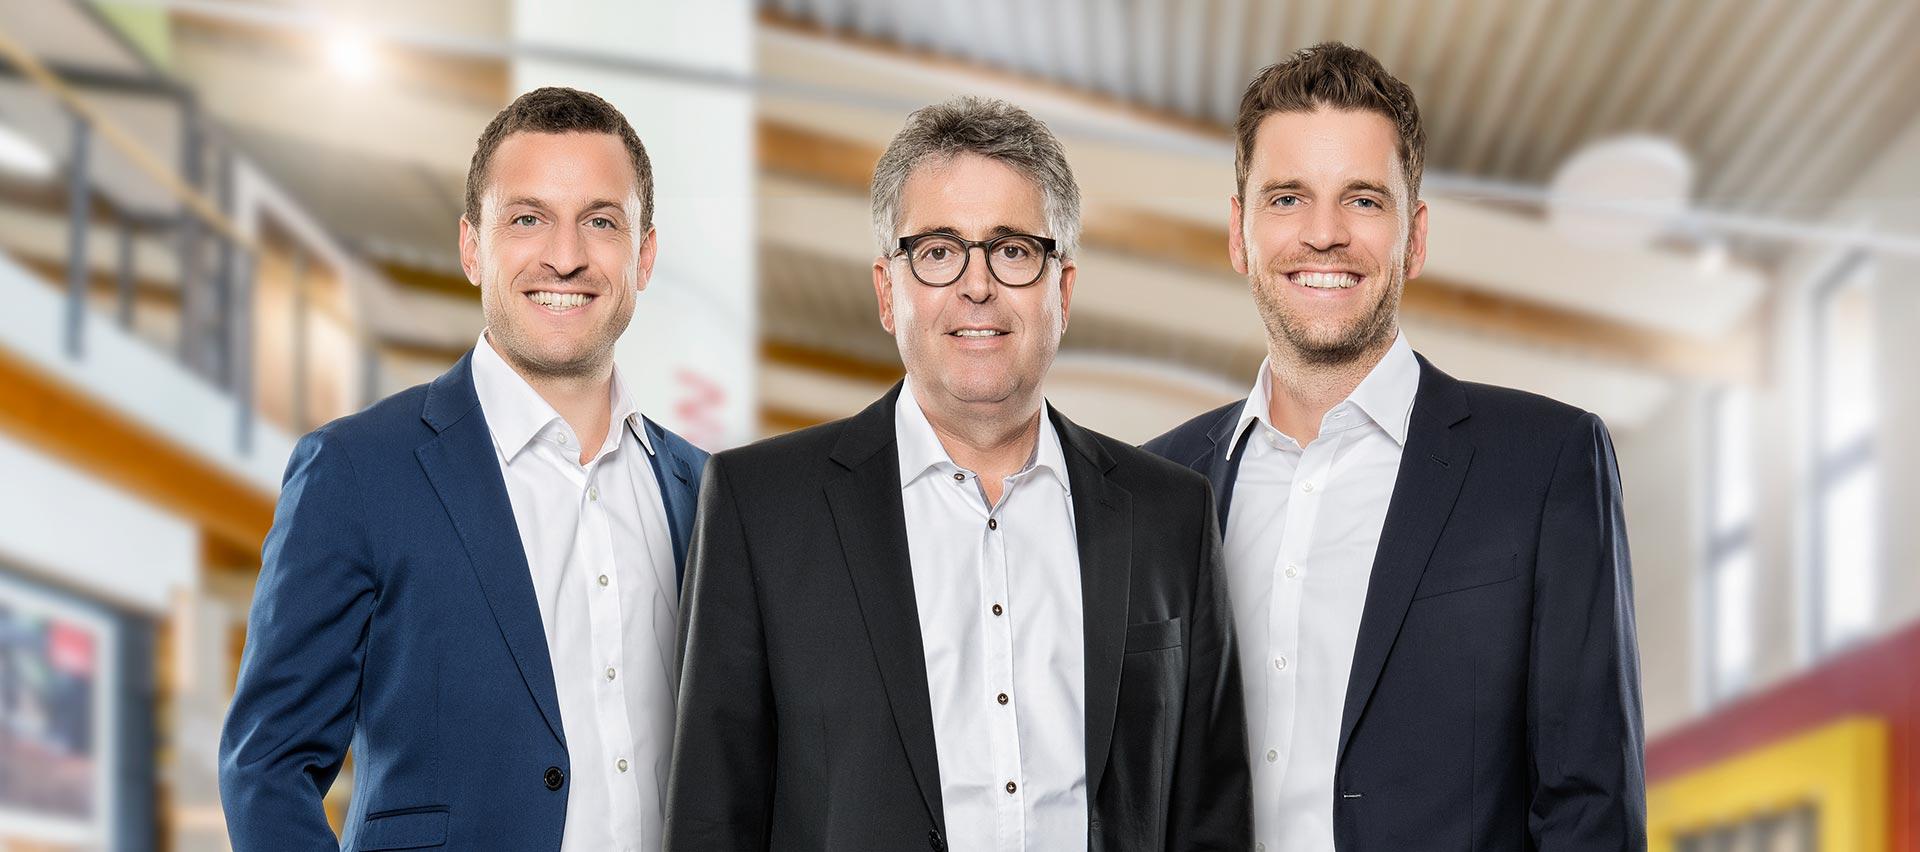 Fabian, Werner und Sebastian Hauff, Geschäftsführer von Holz-Hauff